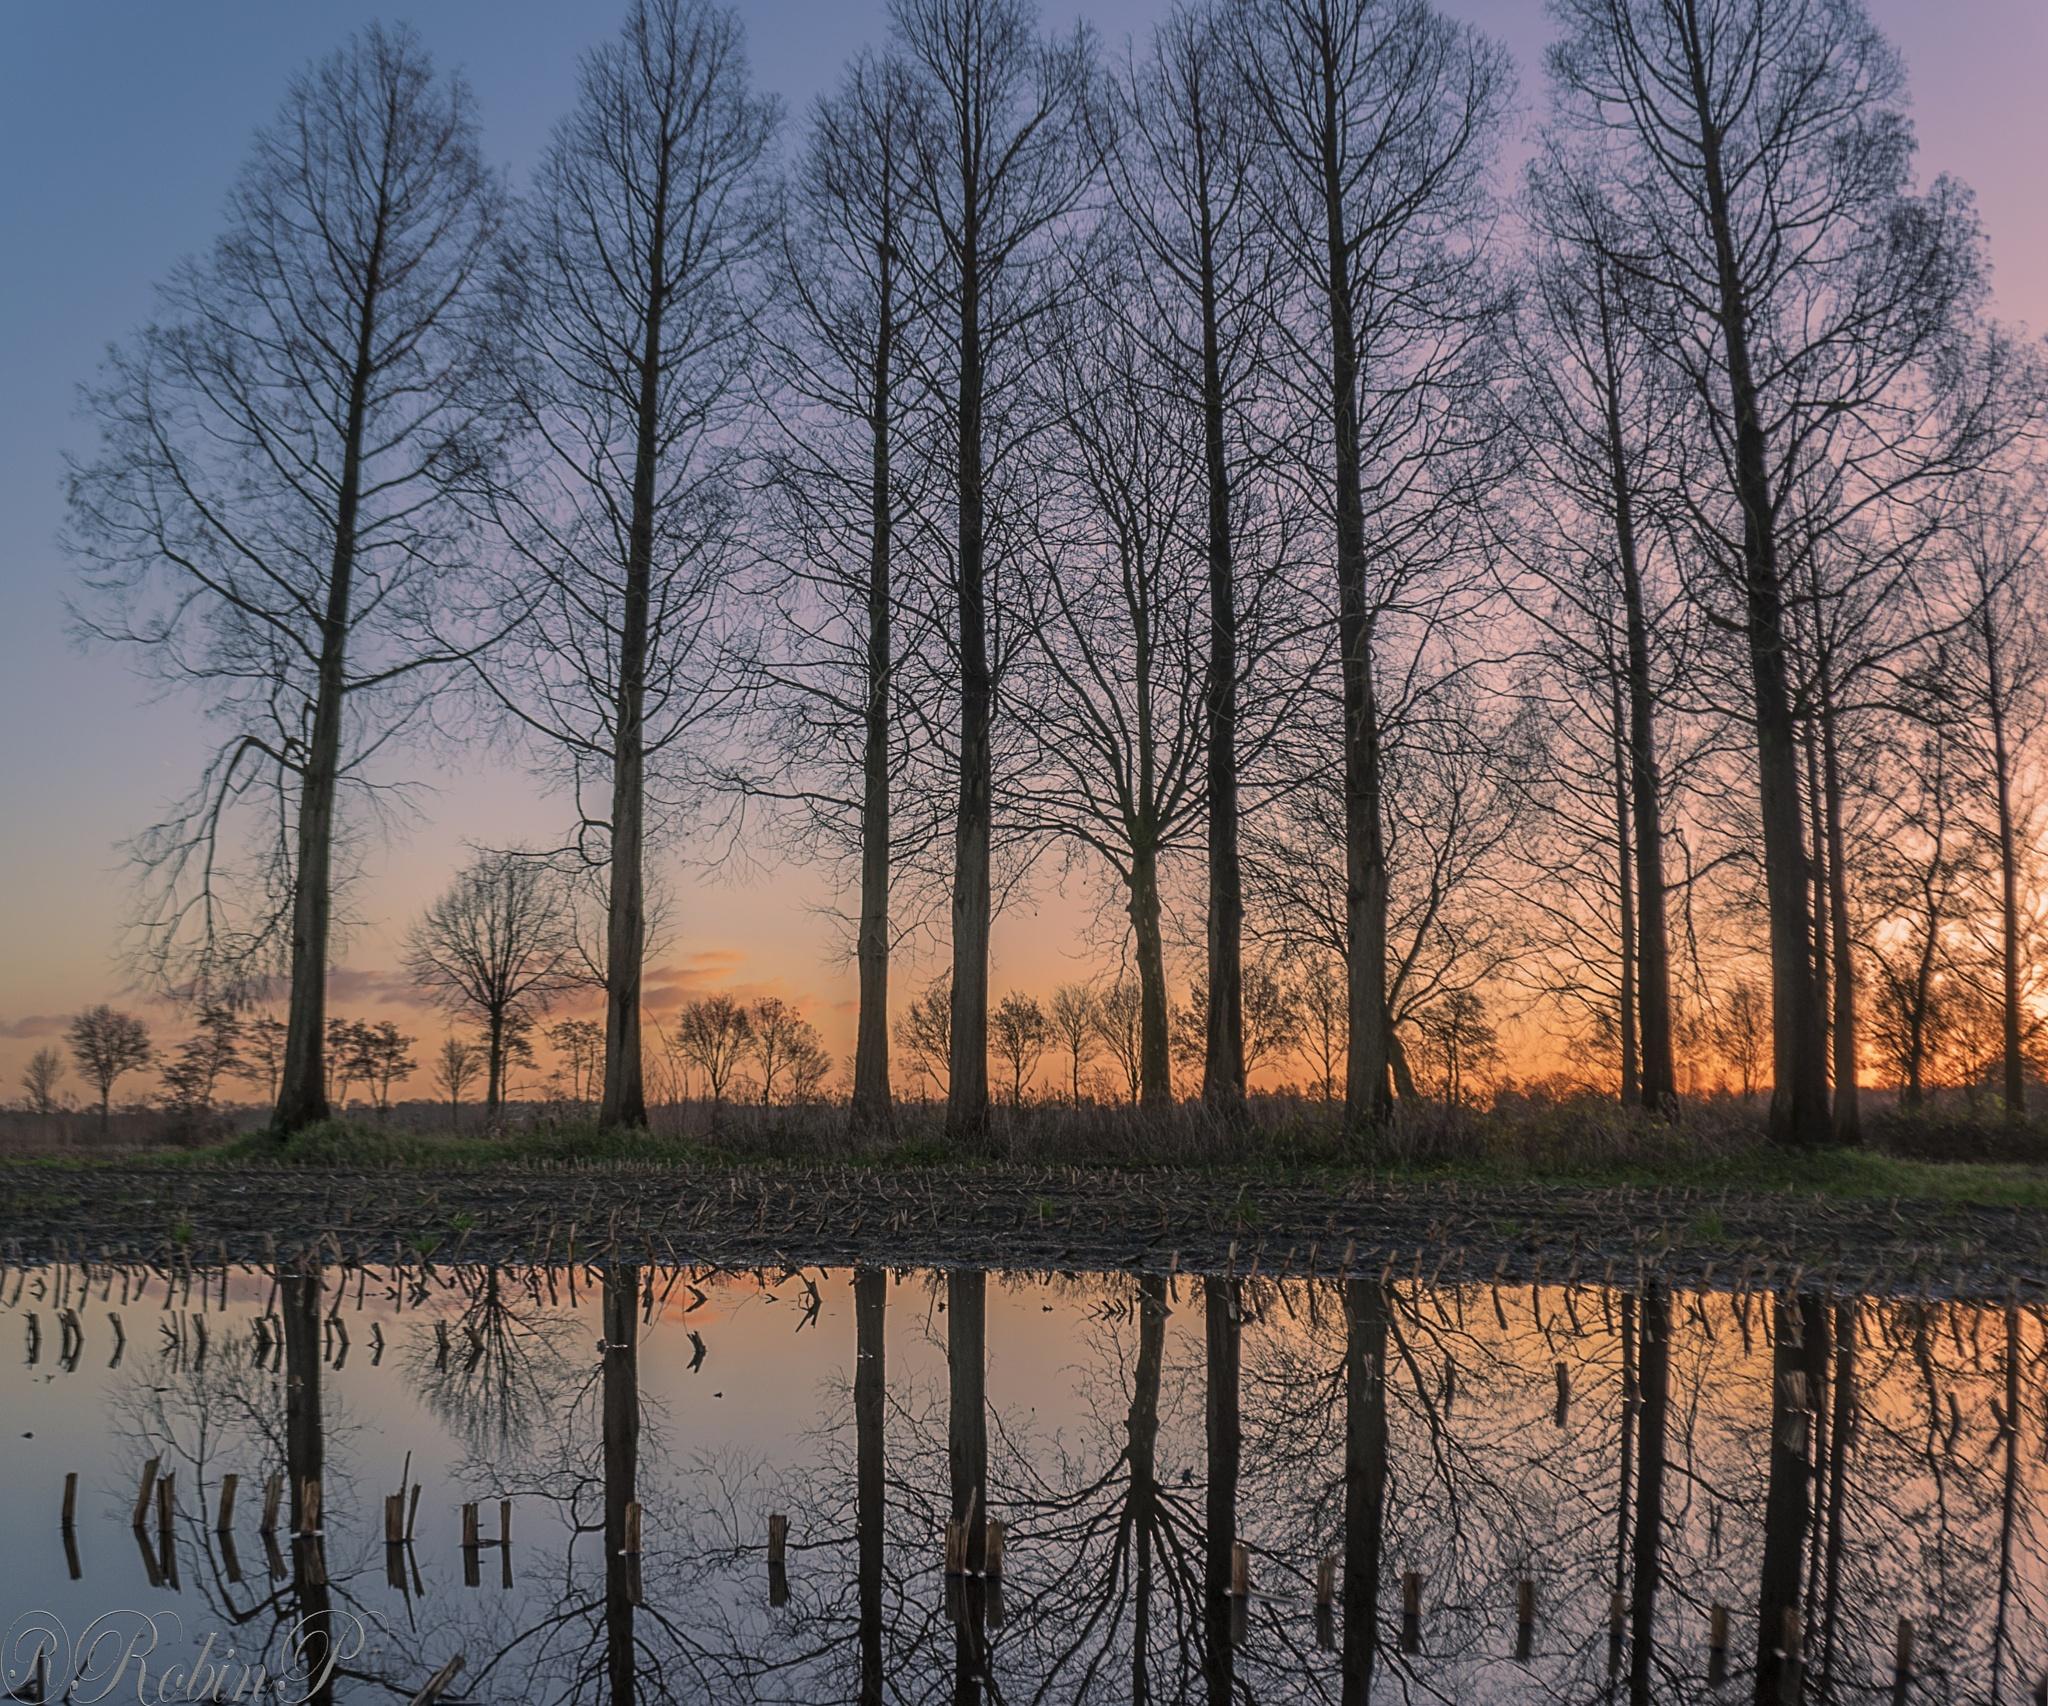 Fields in winter by Robin Pulles